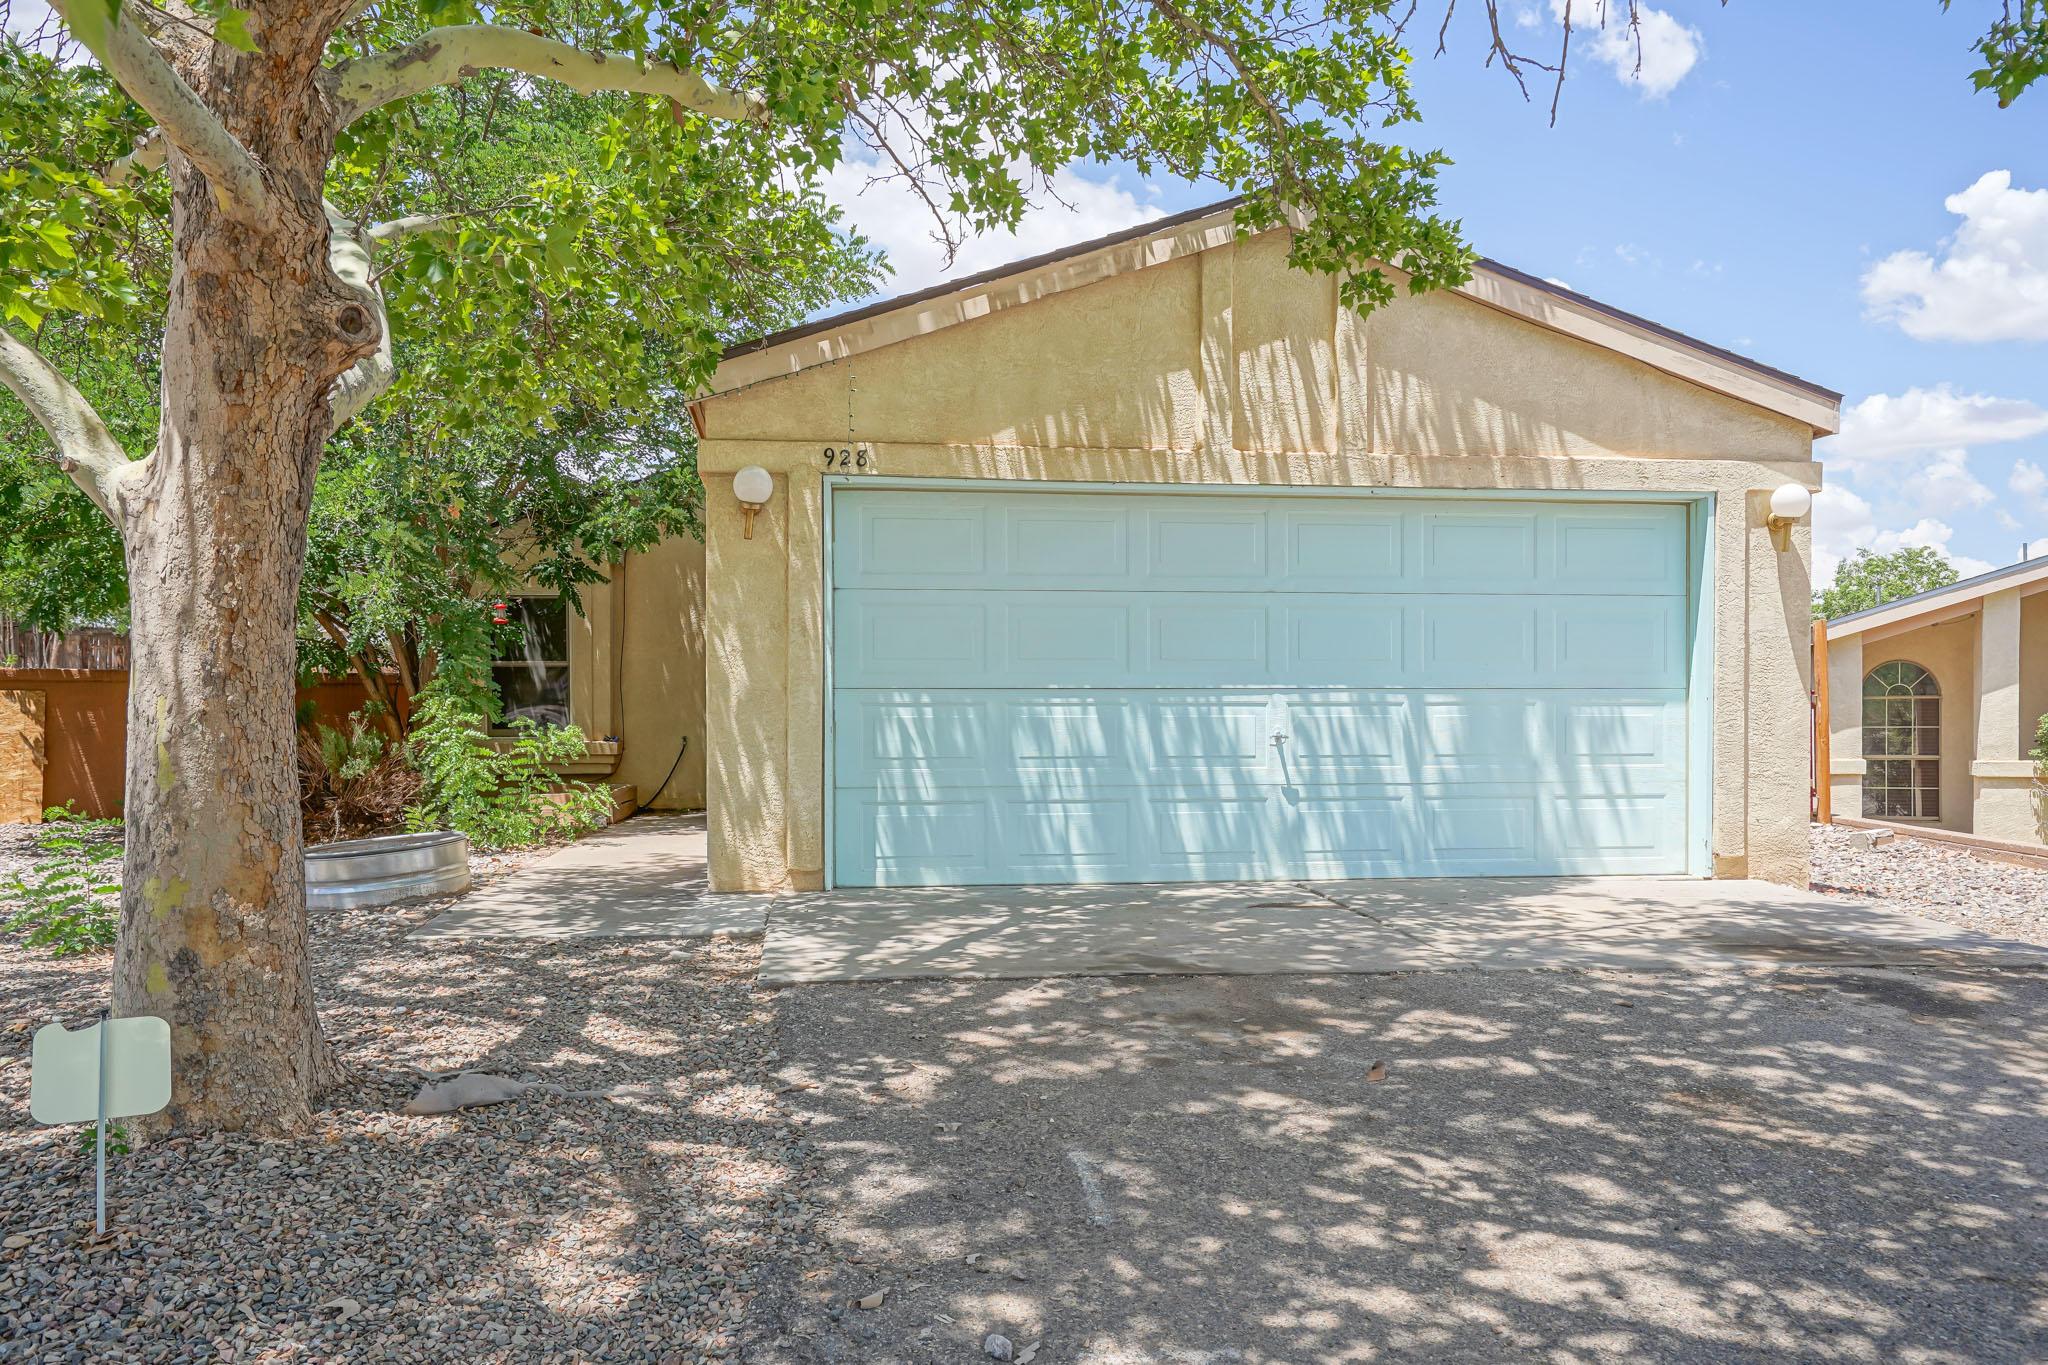 928 CHARLES Drive, Rio Rancho NM 87144